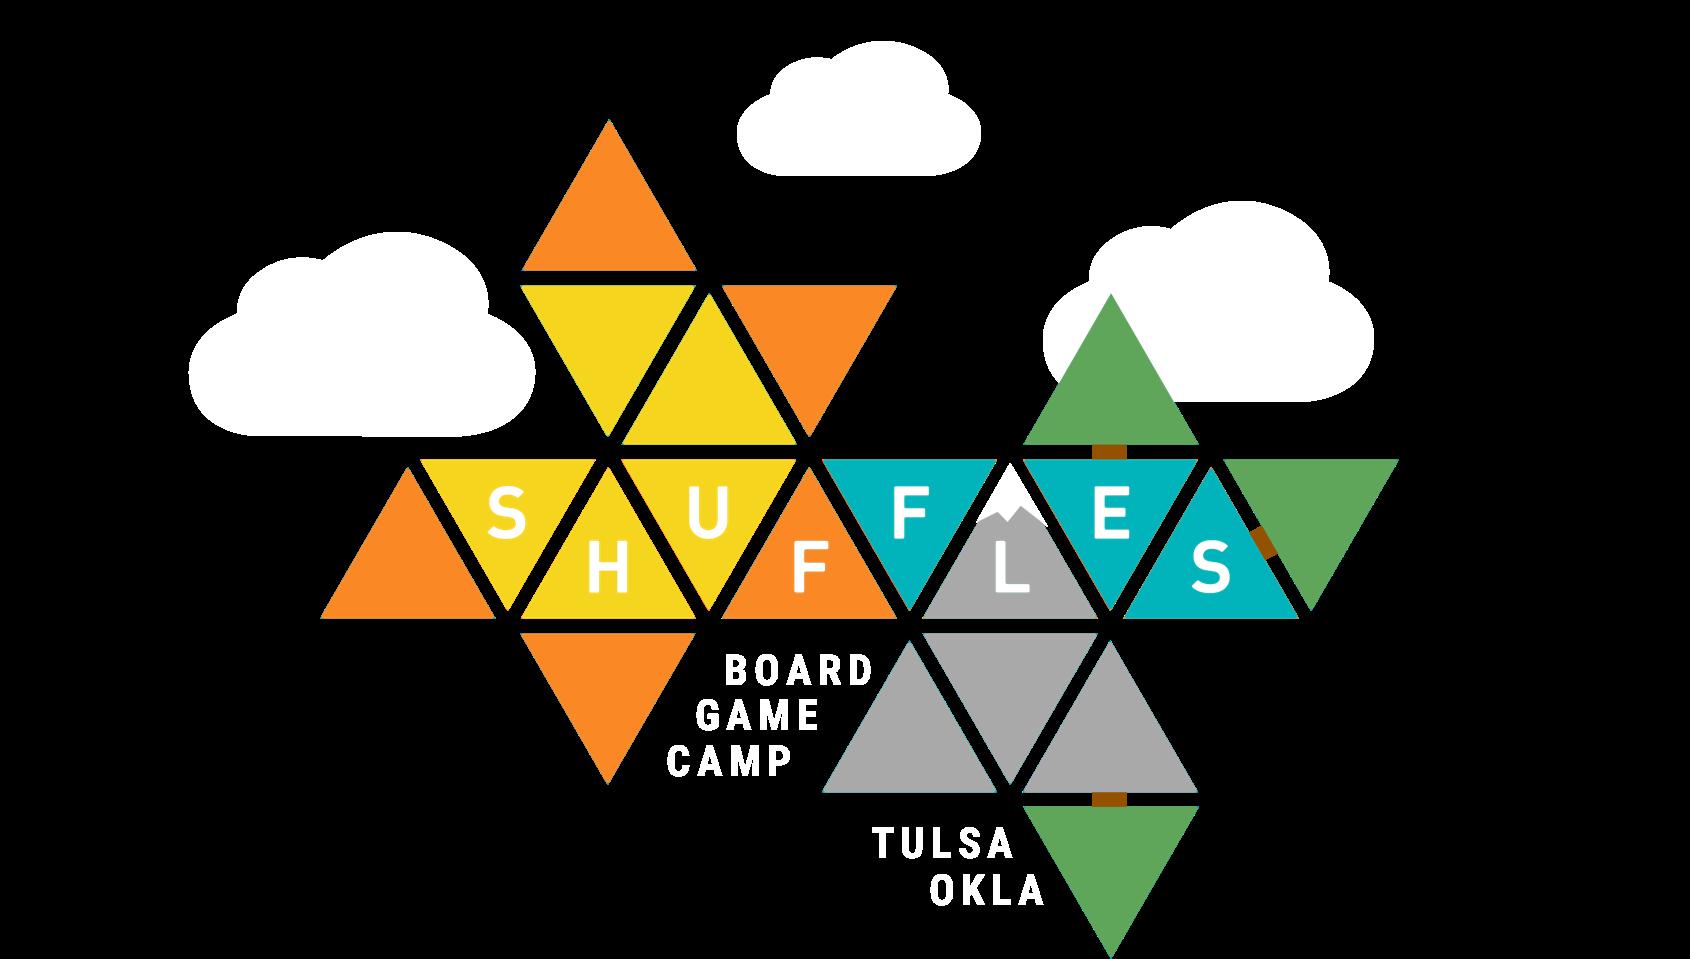 Shuffles: Board Game Camp Logo